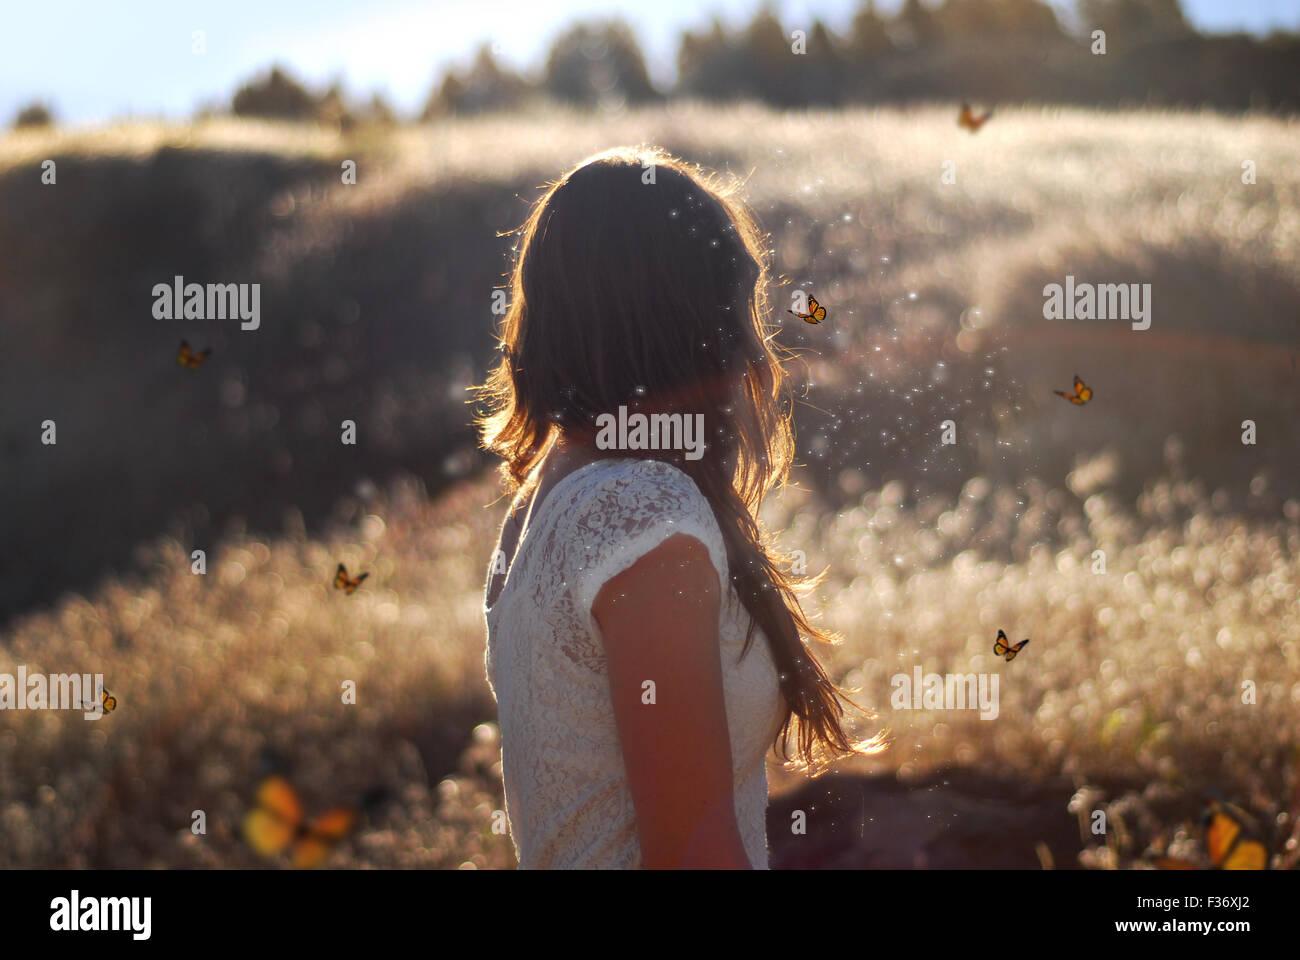 Mädchen in der goldenen Stunde im weißen Kleid mit Schmetterlingen fliegen um sie herum Stockbild